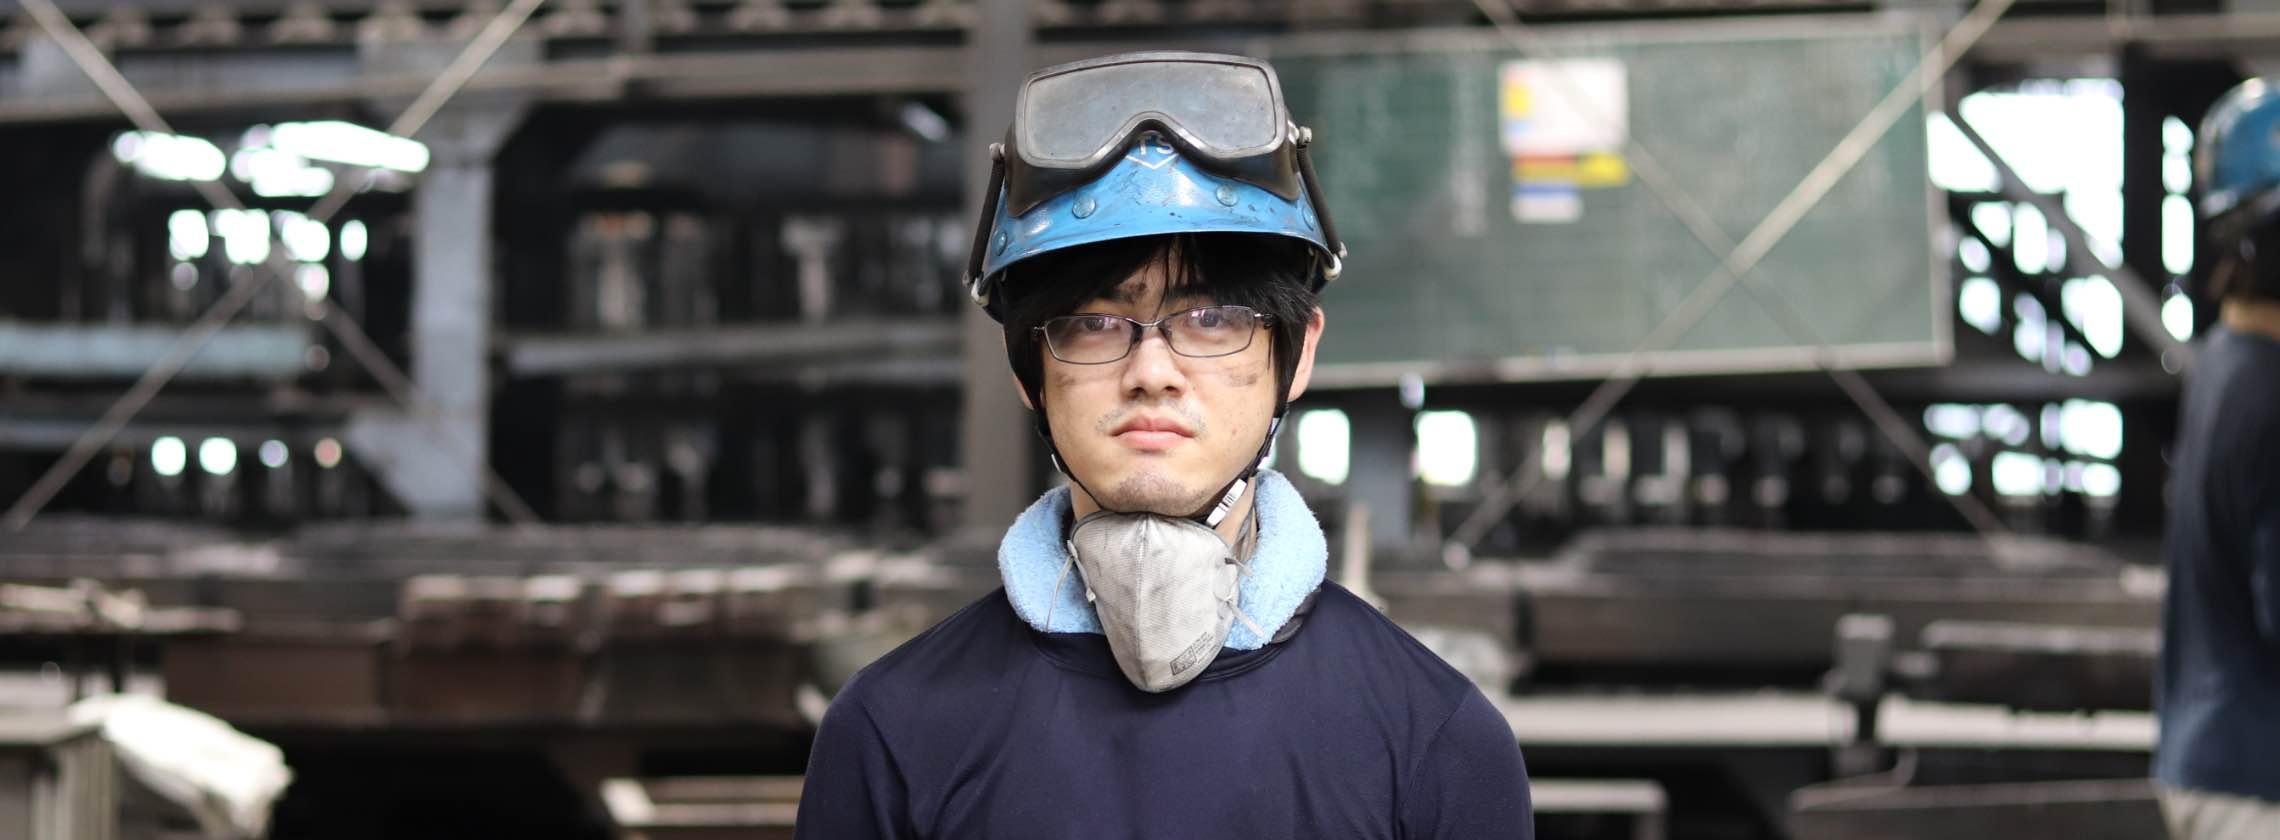 技術開発部|三重県鋳造メーカー求人情報|大洋産業